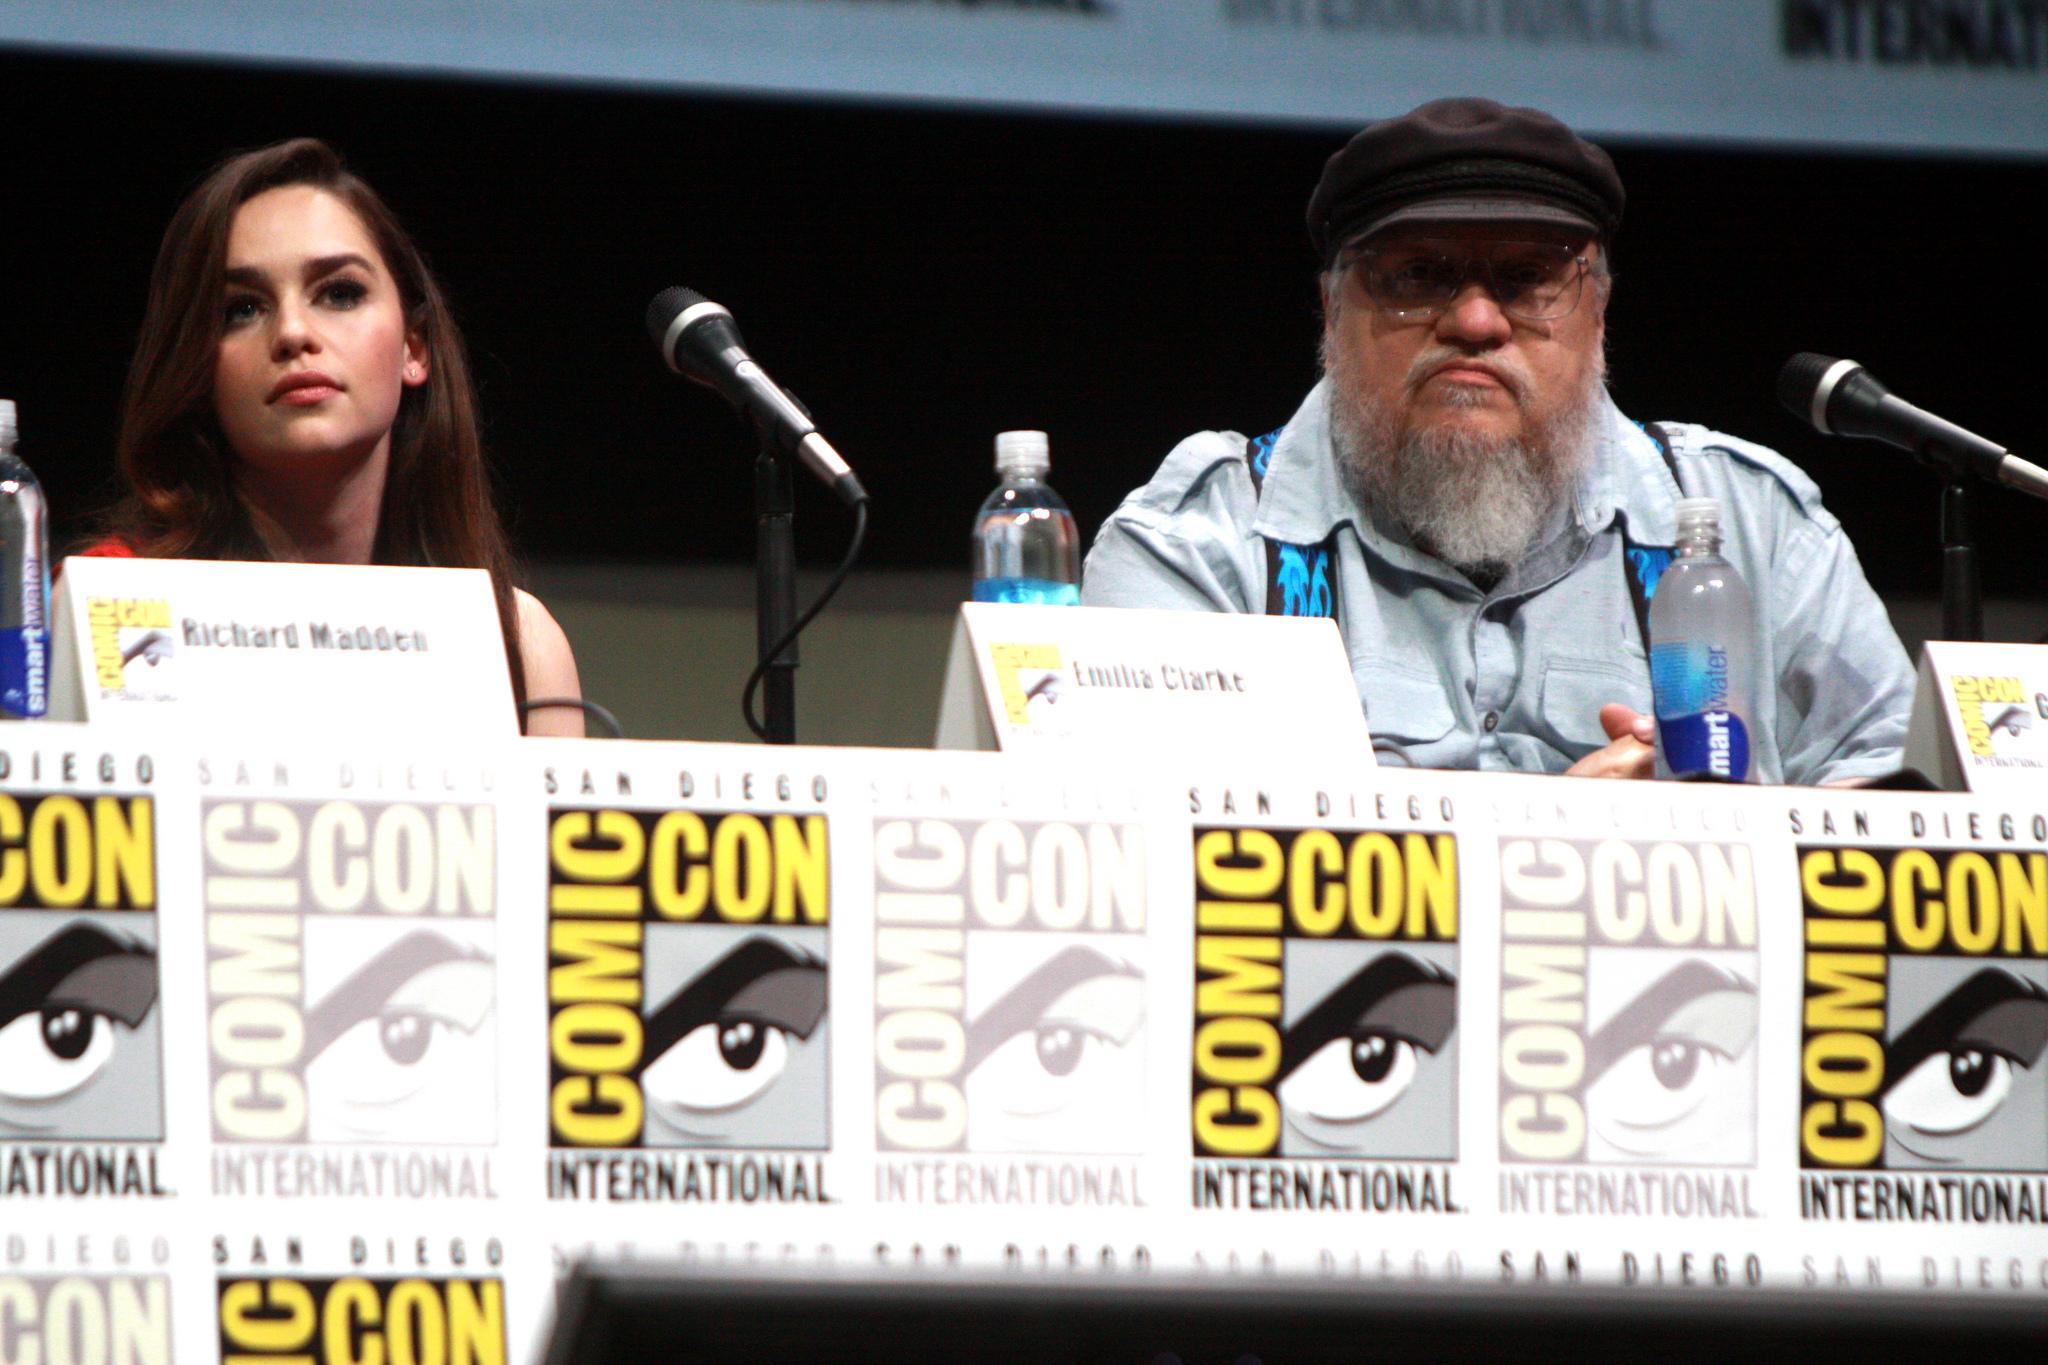 C'est cool de zoner avec Daenerys au Comic Con, mais faudrait bosser un peu !